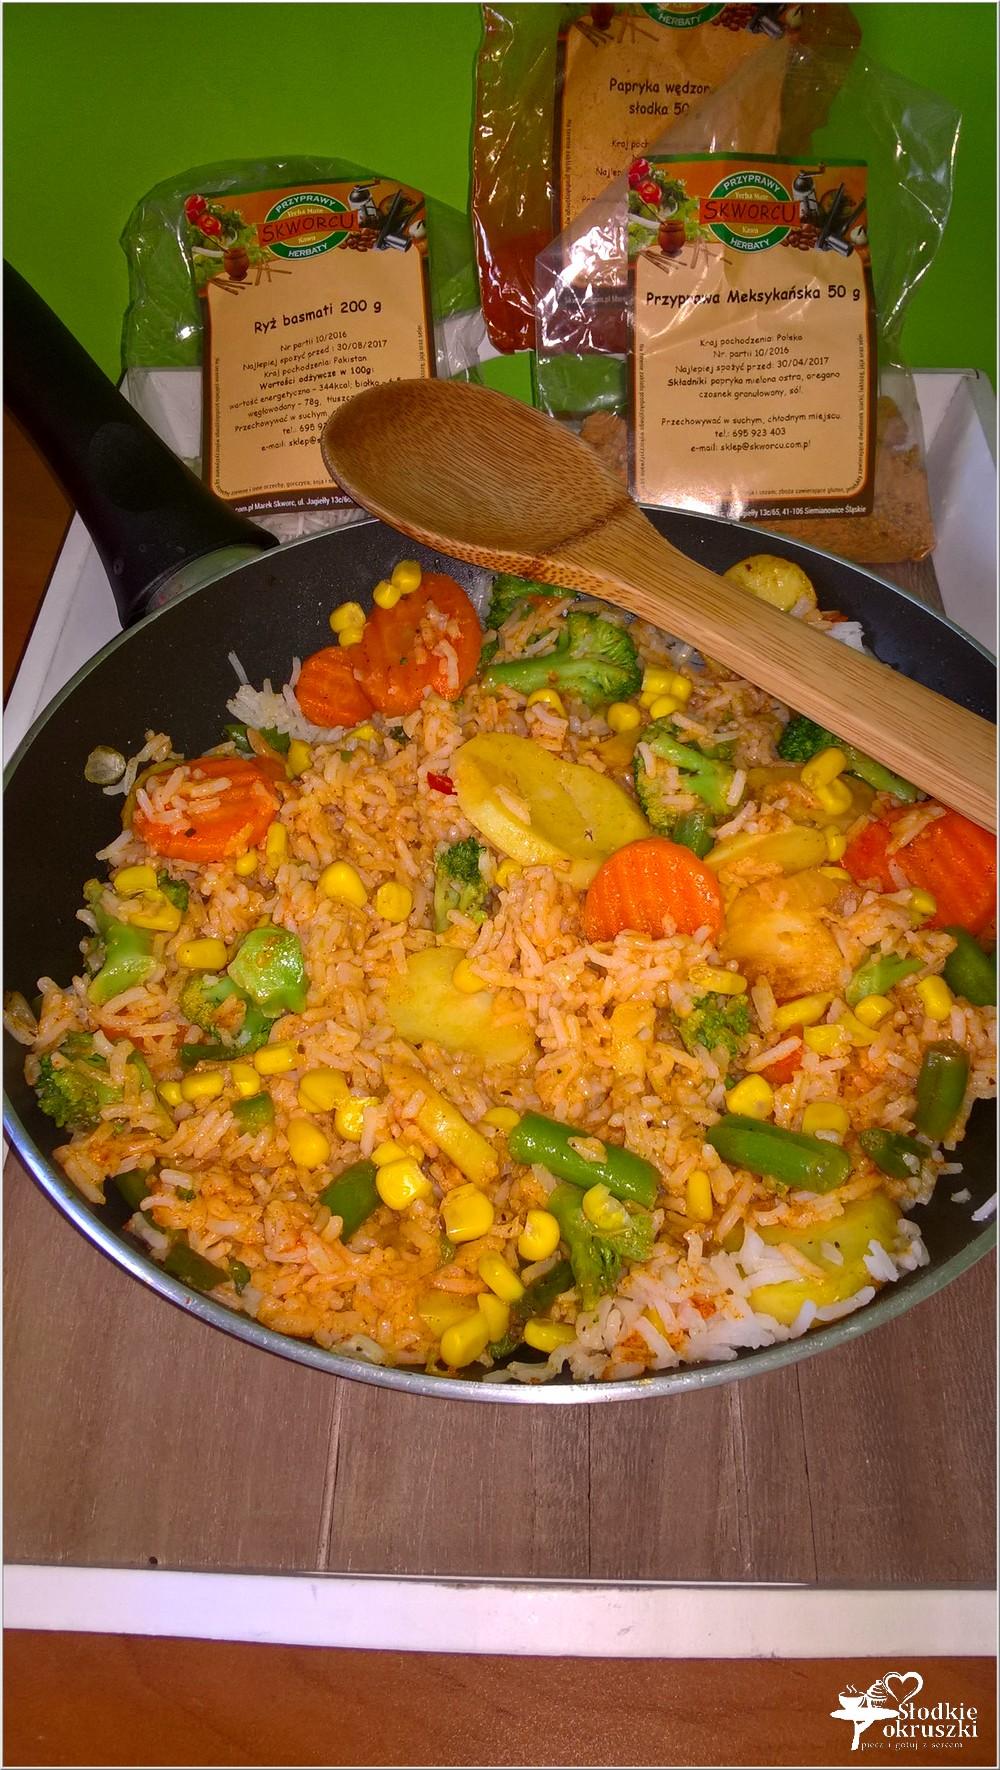 Szybki Obiad Pikantny Ryz Z Warzywami Slodkie Okruszki